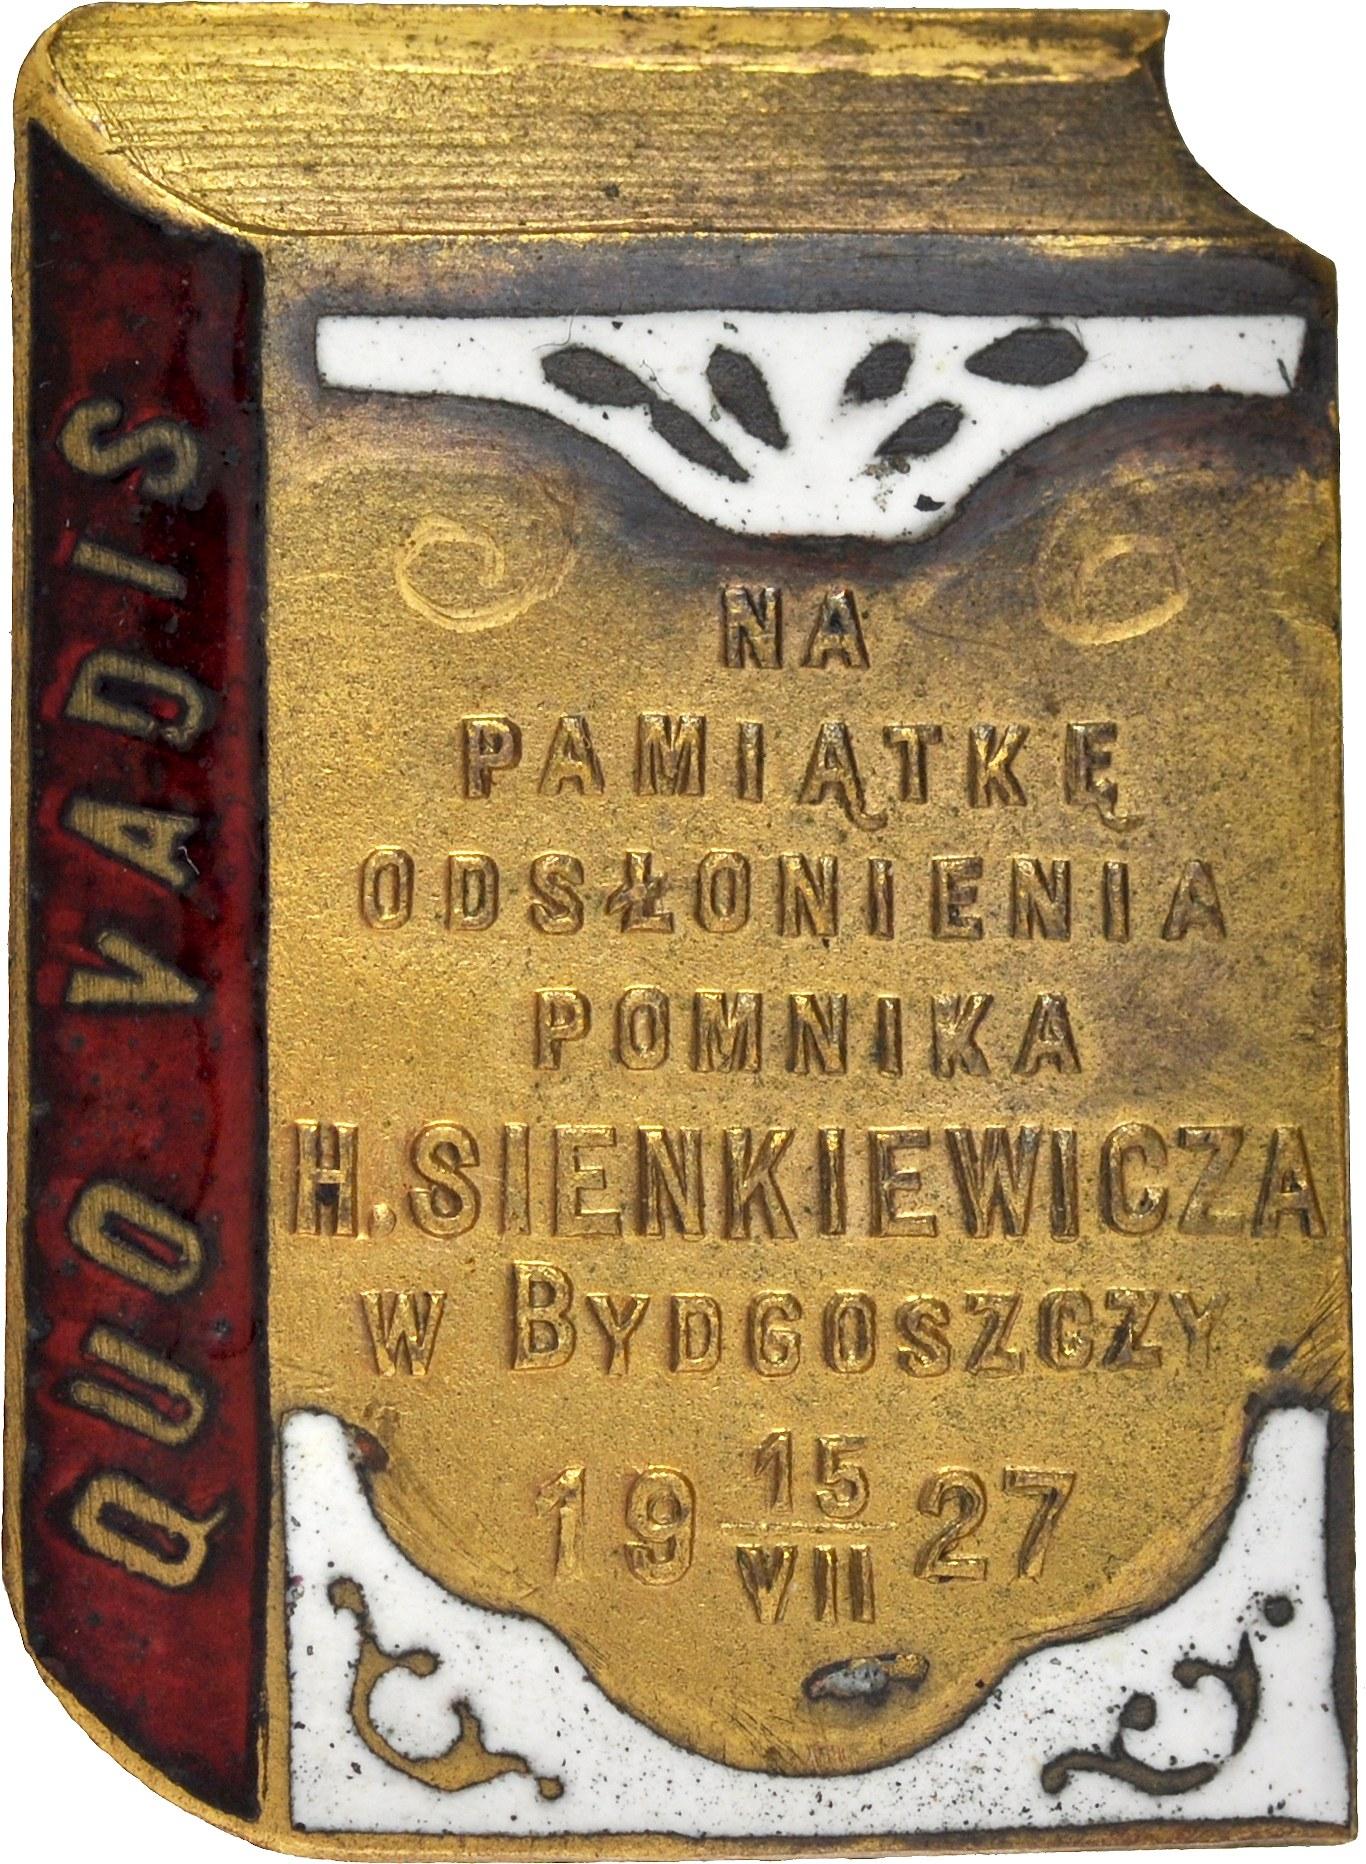 Znaczek pamiątkowy wybity z okazji odsłonięcia pomnika Henryka Sienkiewicza w Bydgoszczy, dnia 15. VII 1927.